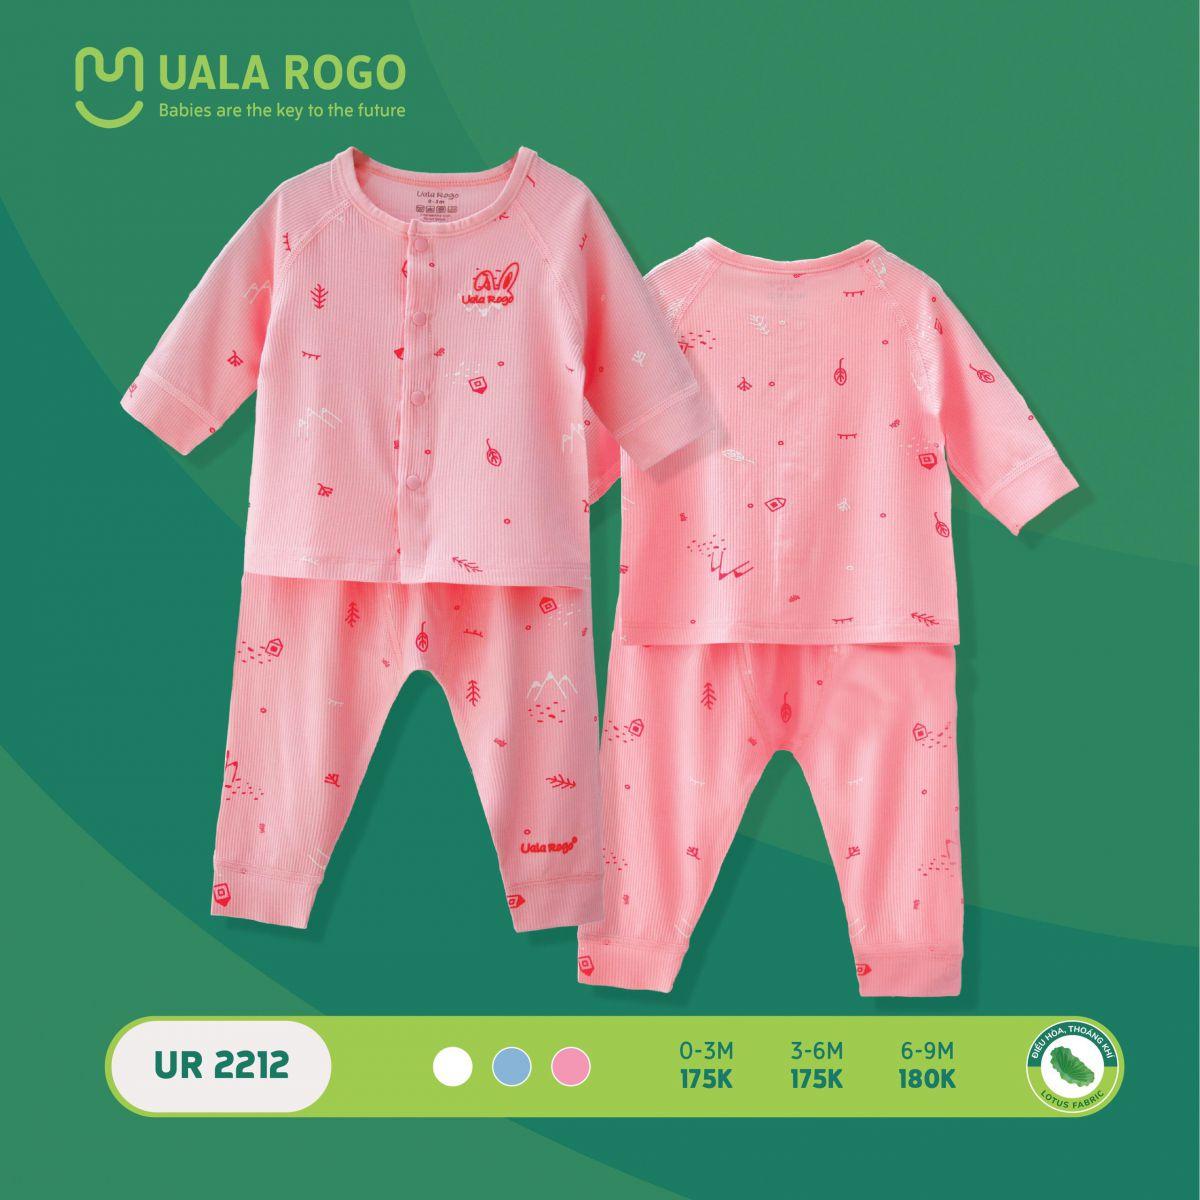 UR2212.1 - Bộ quần áo dài tay sơ sinh cài giữa vải sợi sen Uala Rogo - Màu hồng